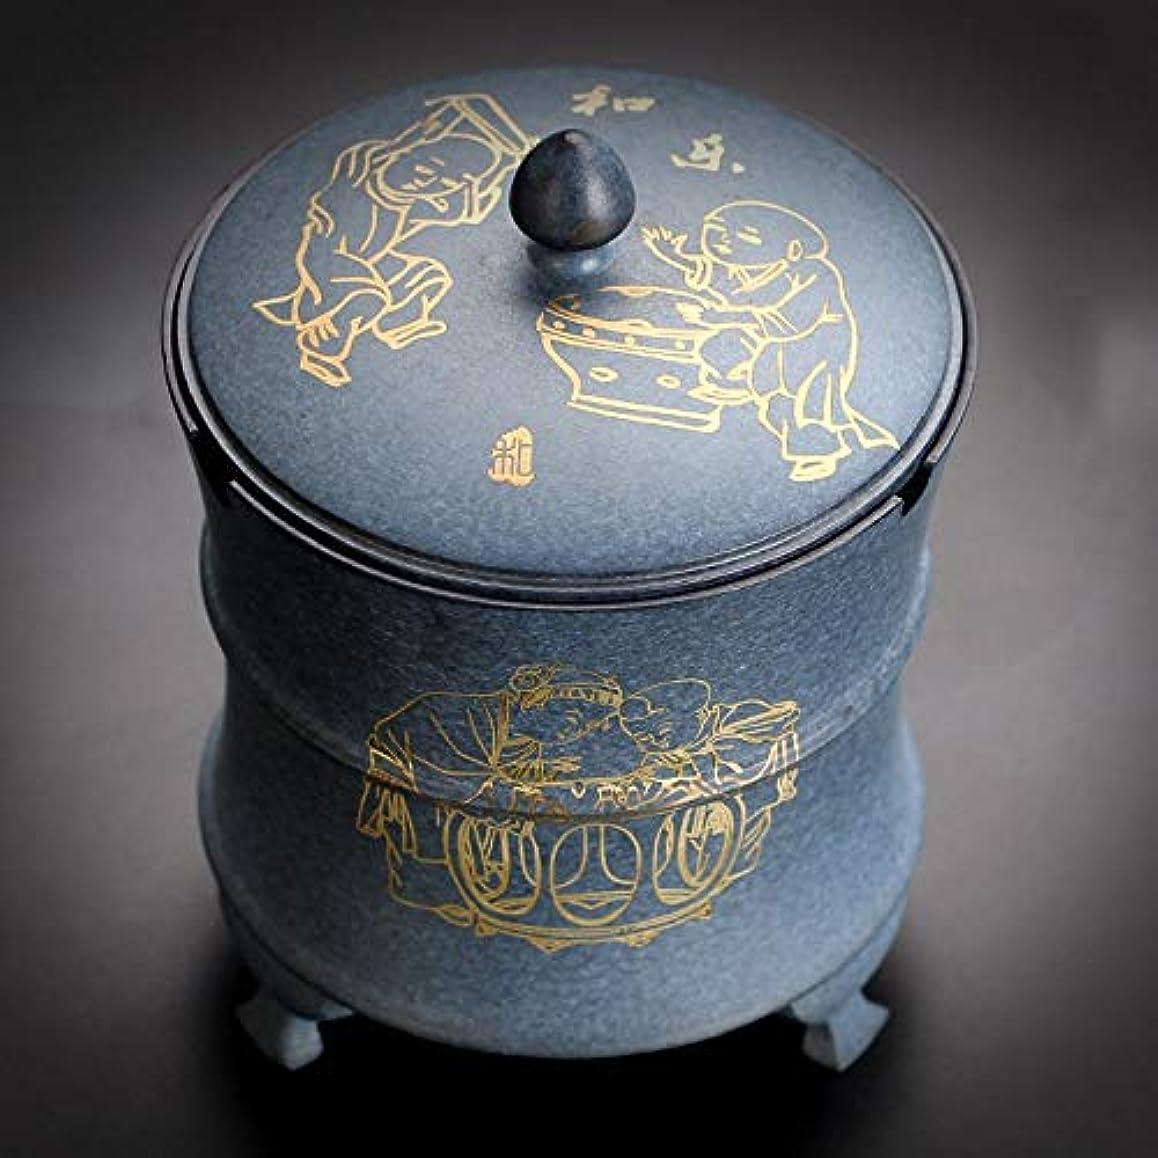 ゴールデン話をするいつか純銅灰皿銅工芸品居間研究室装飾アンティーク灰皿装飾品